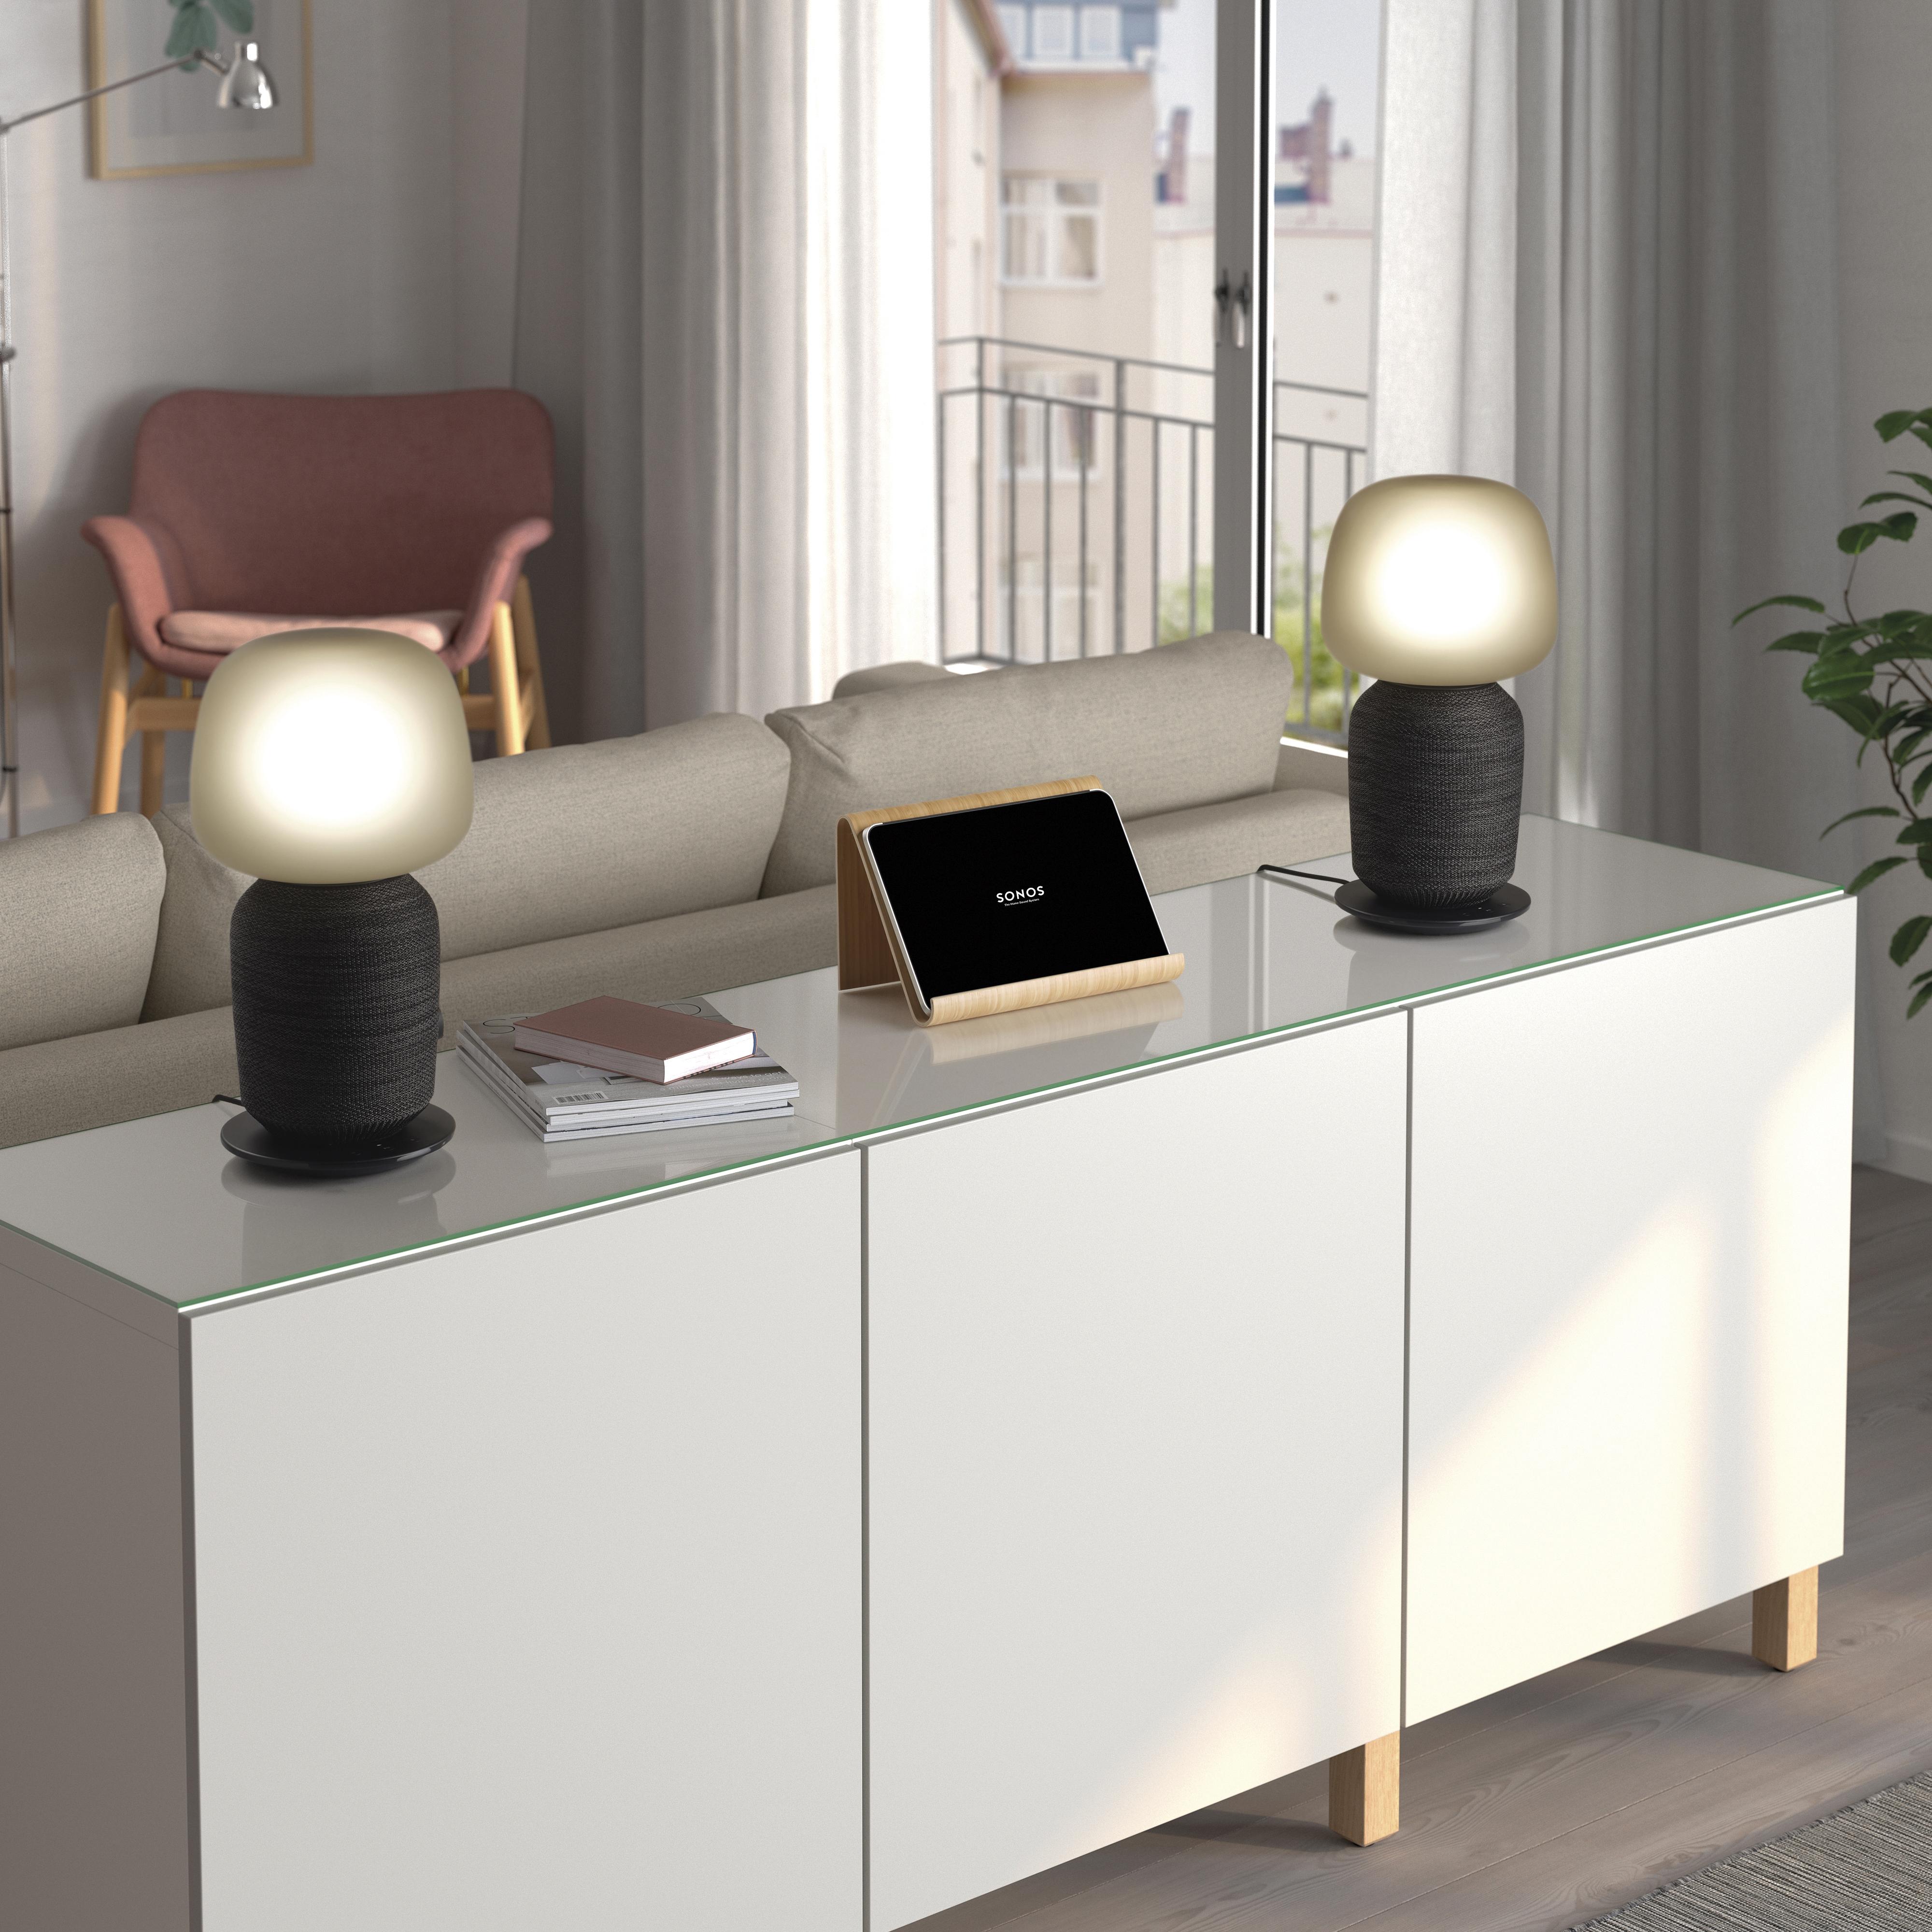 SYMFONISK: IKEA veröffentlicht zwei Speaker von Sonos ...